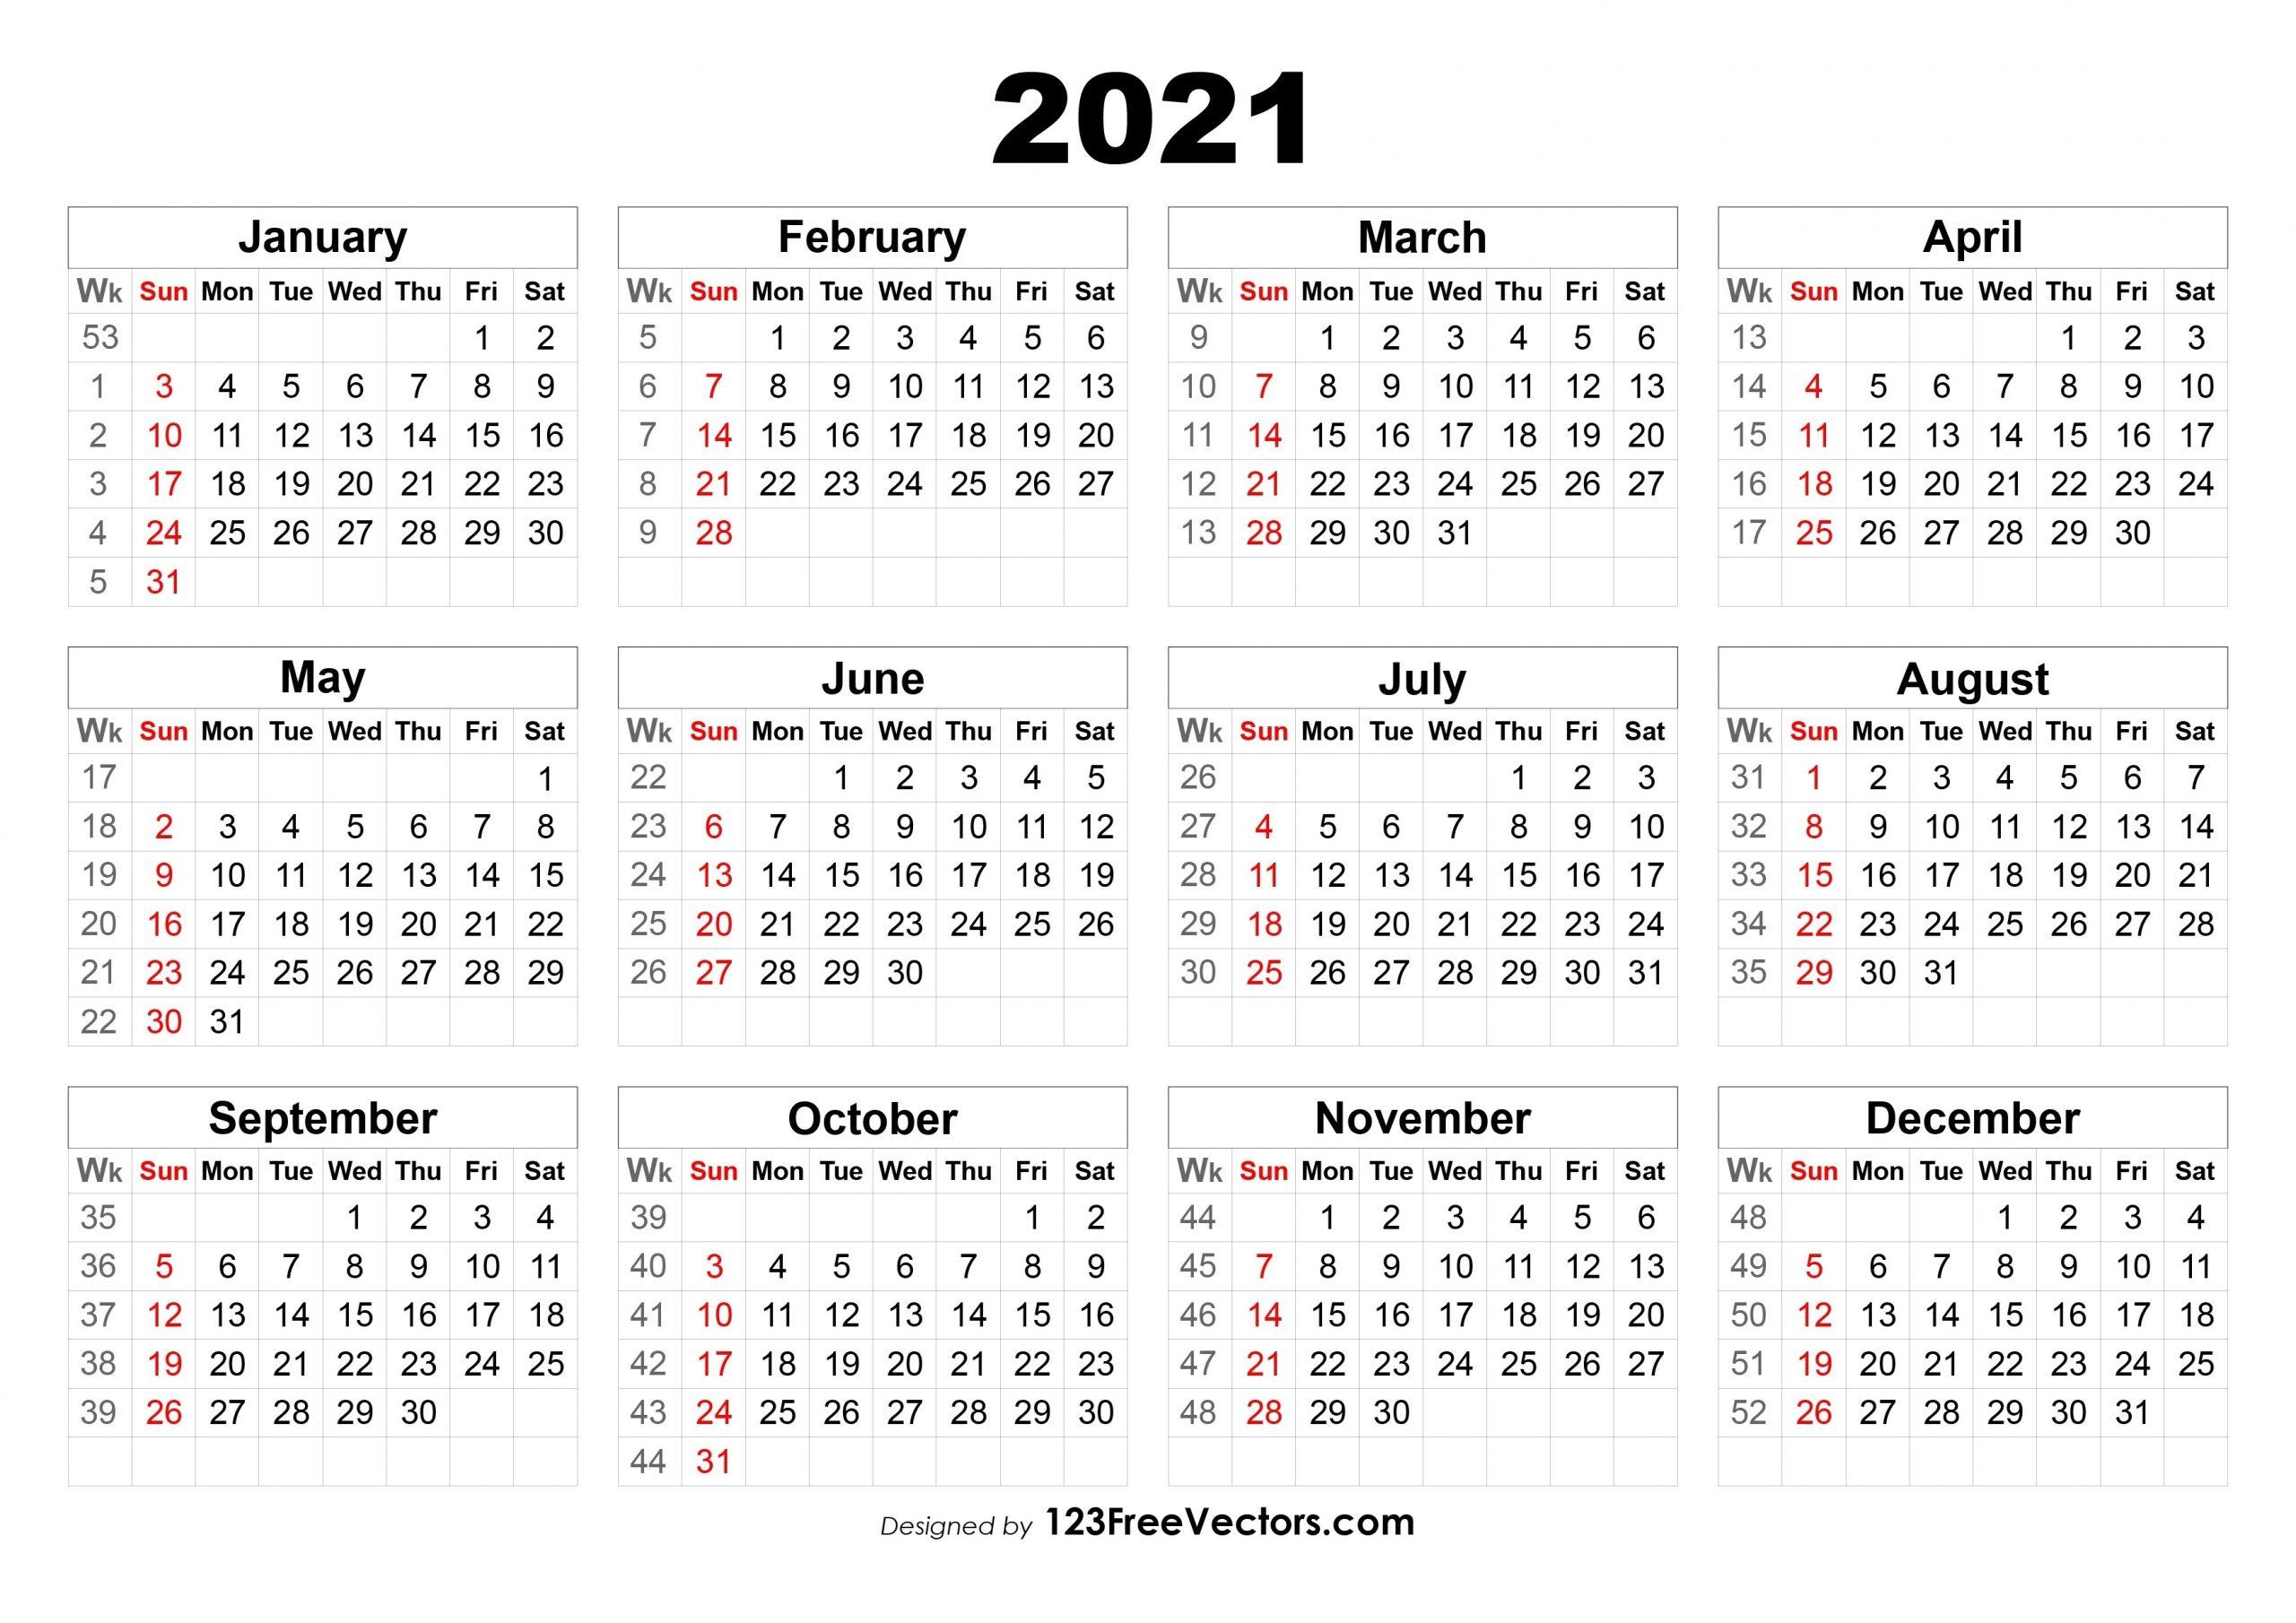 Take Week 42 2021 20 Financial Year